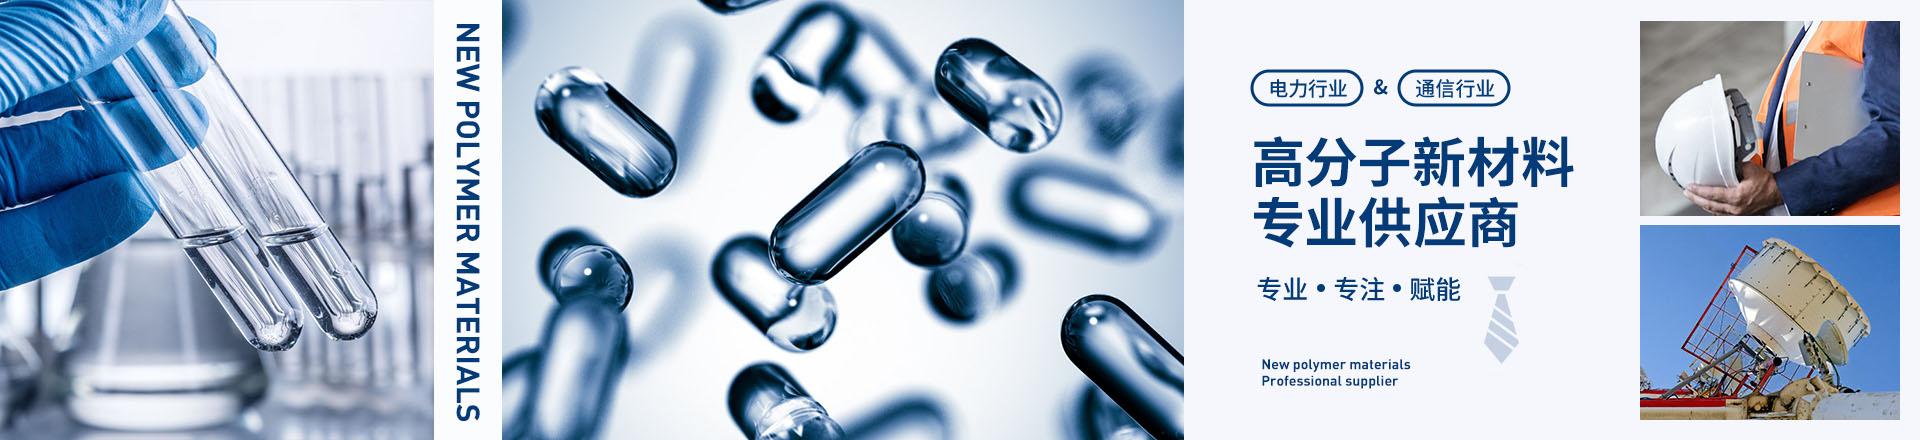 麦斯威迩-高分子材料